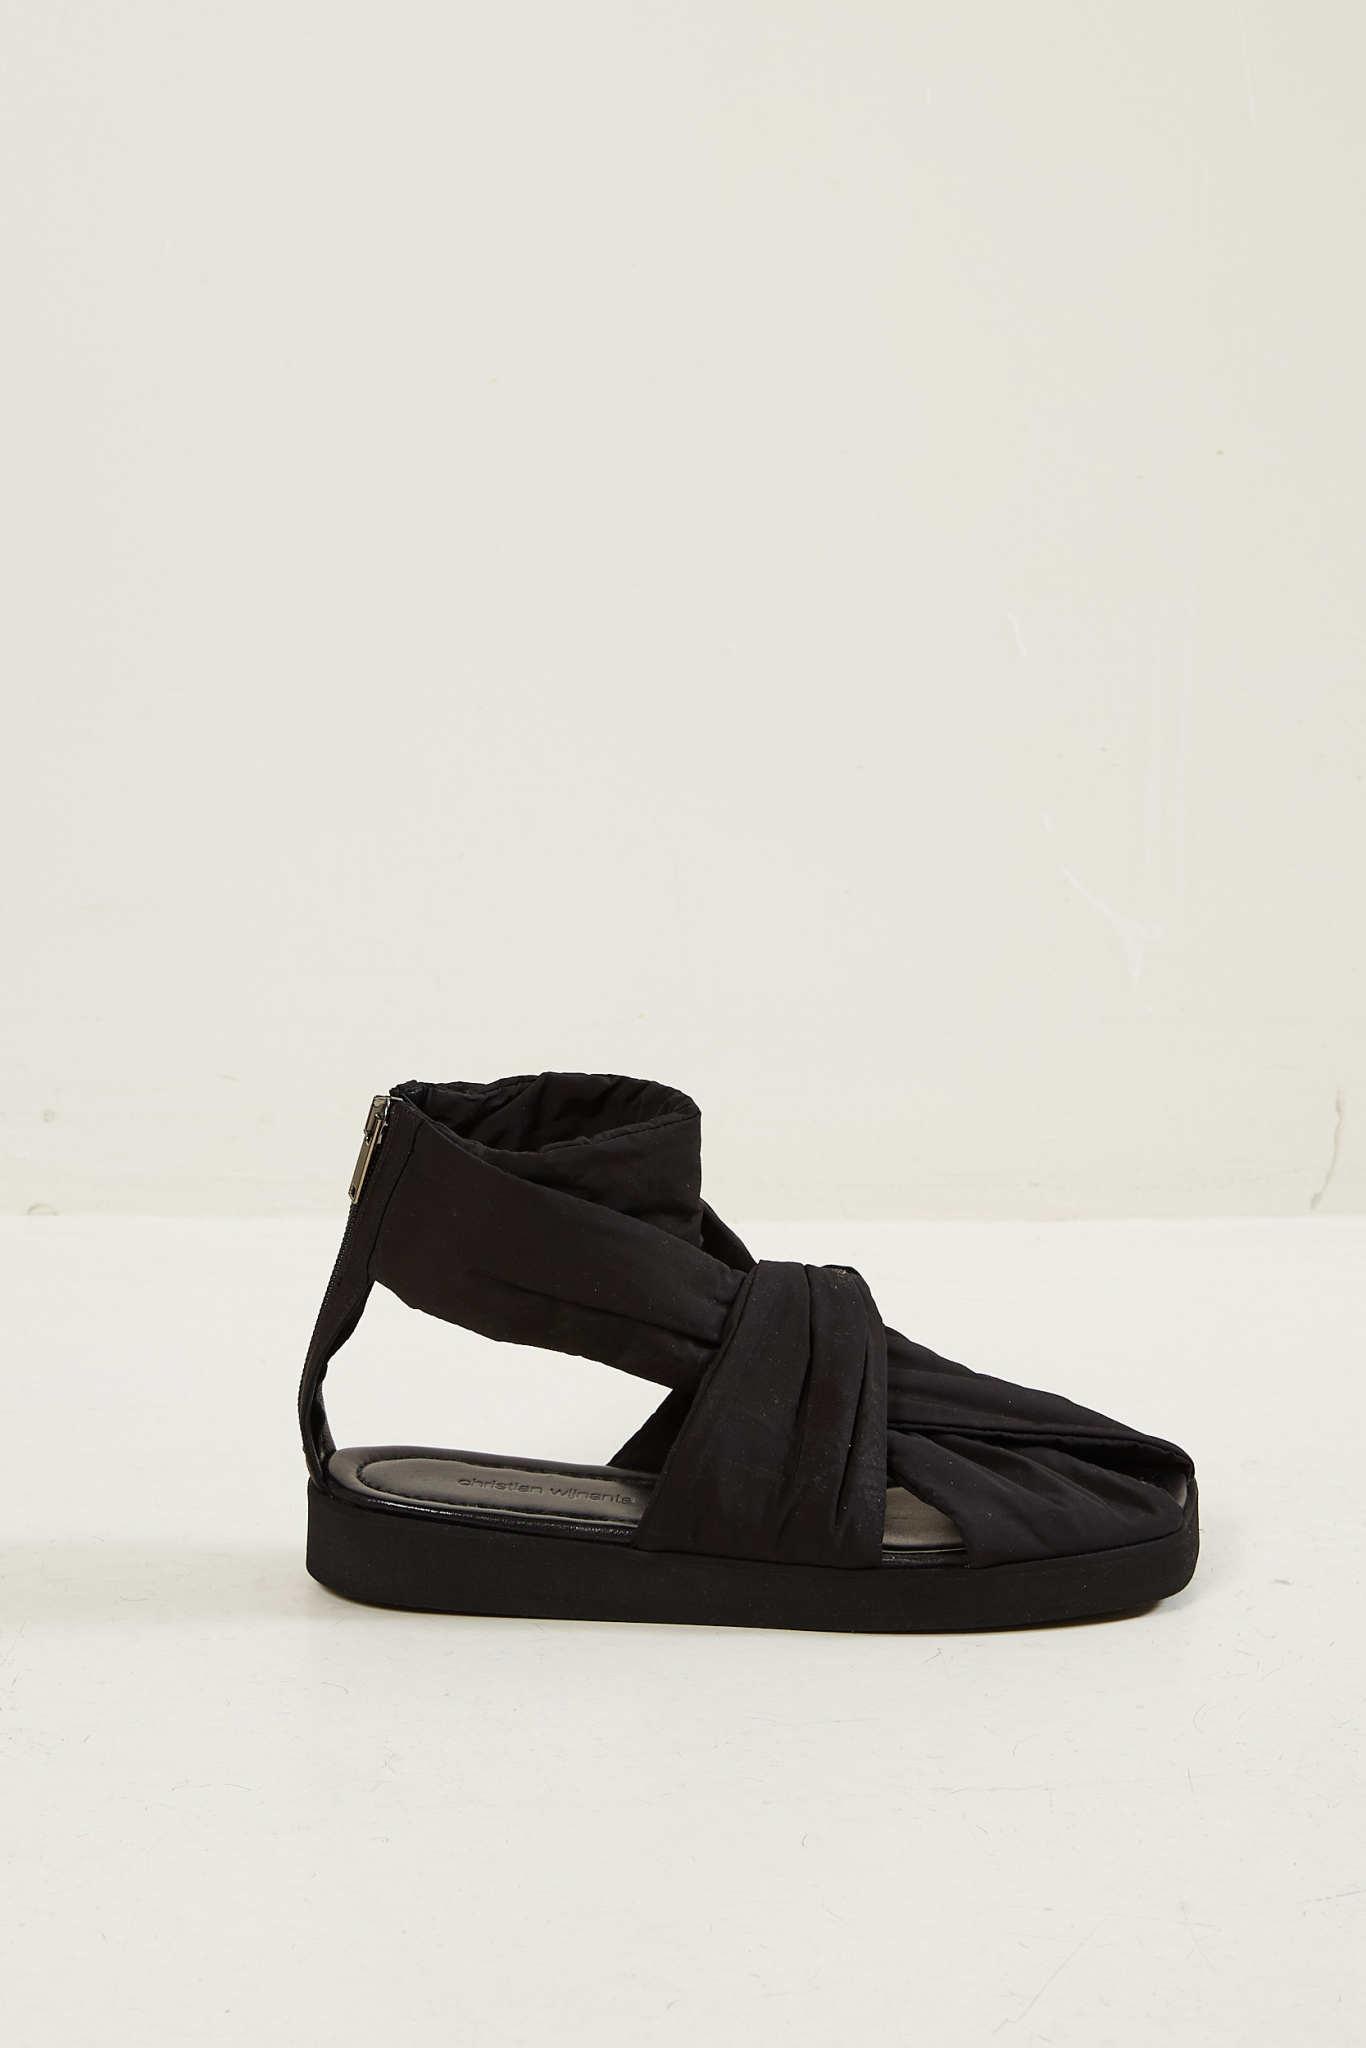 Christian Wijnants - Adam sandals